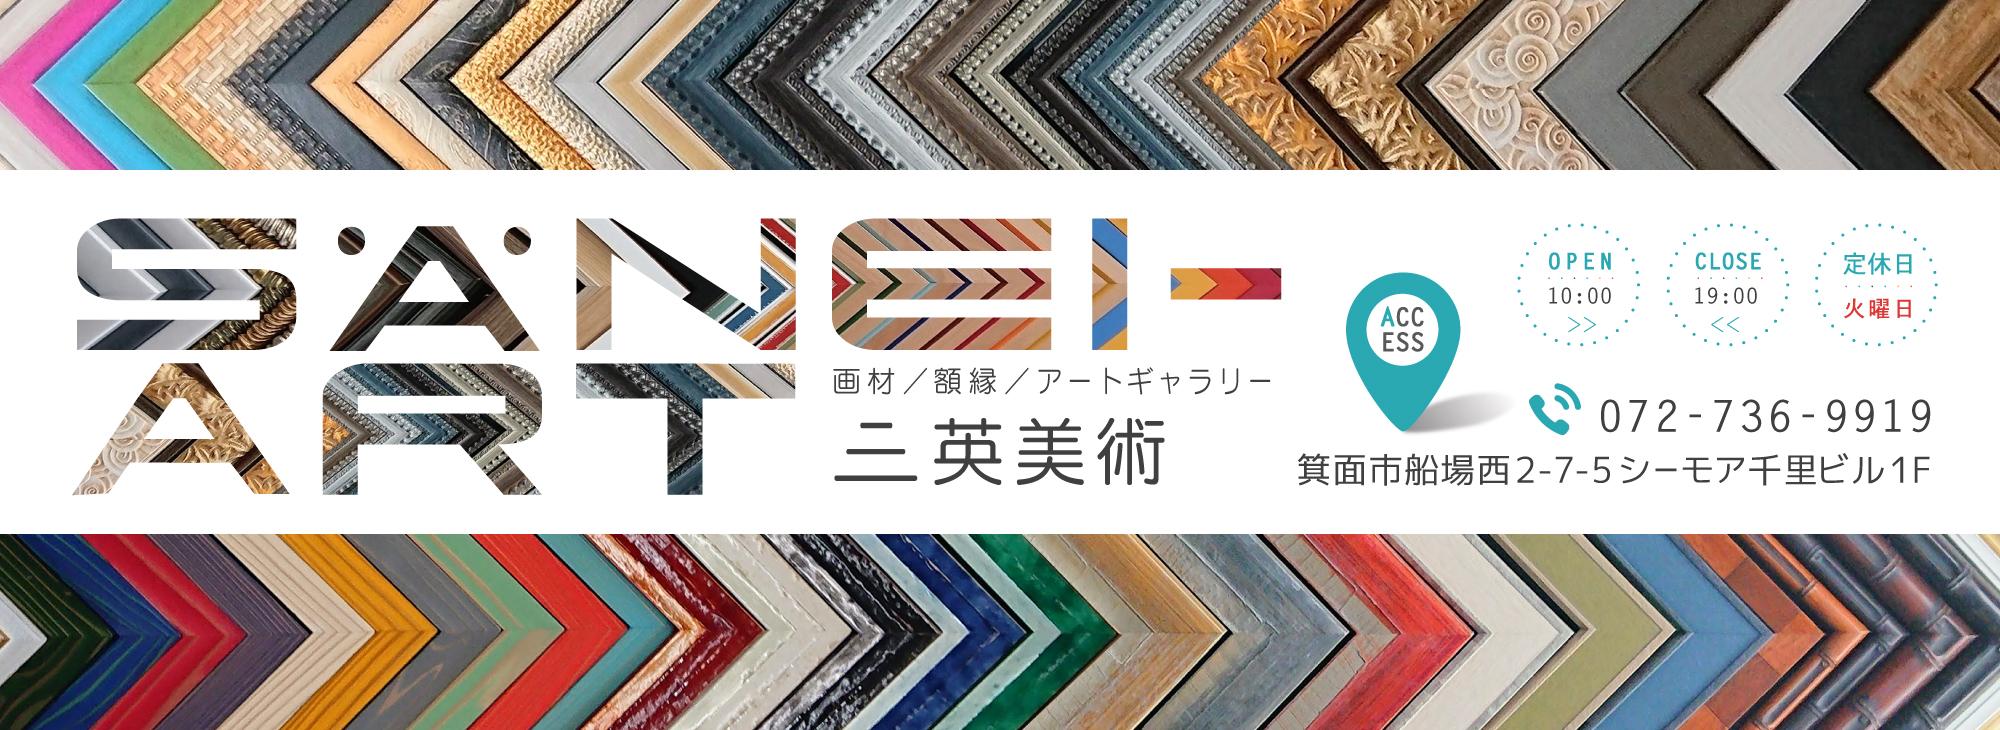 画材・額装のことなら三英美術|大阪府箕面市船場西で画材・額装等を取り扱っています。初心者から上級者の方まで、あらゆるニーズにお応えできる品揃えです。